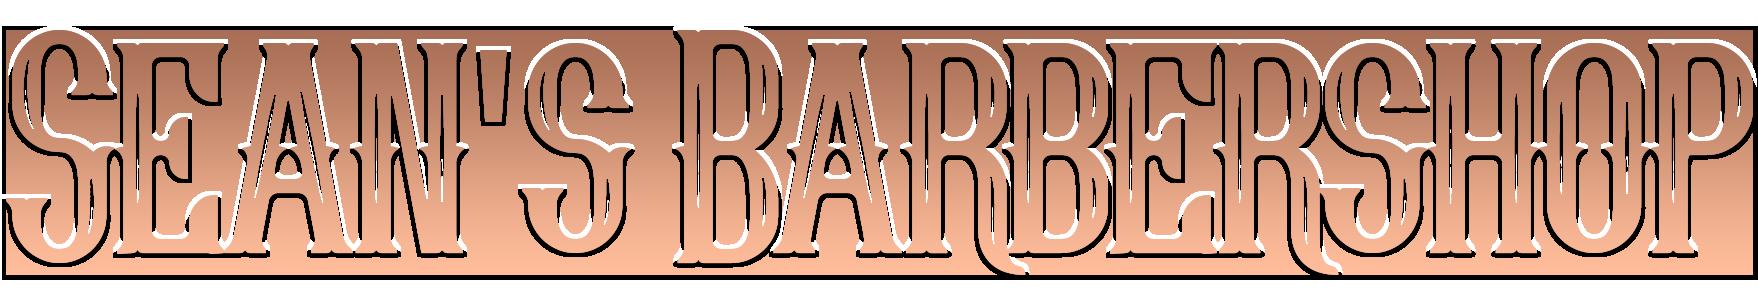 Seans Barbershop @ Twenty4